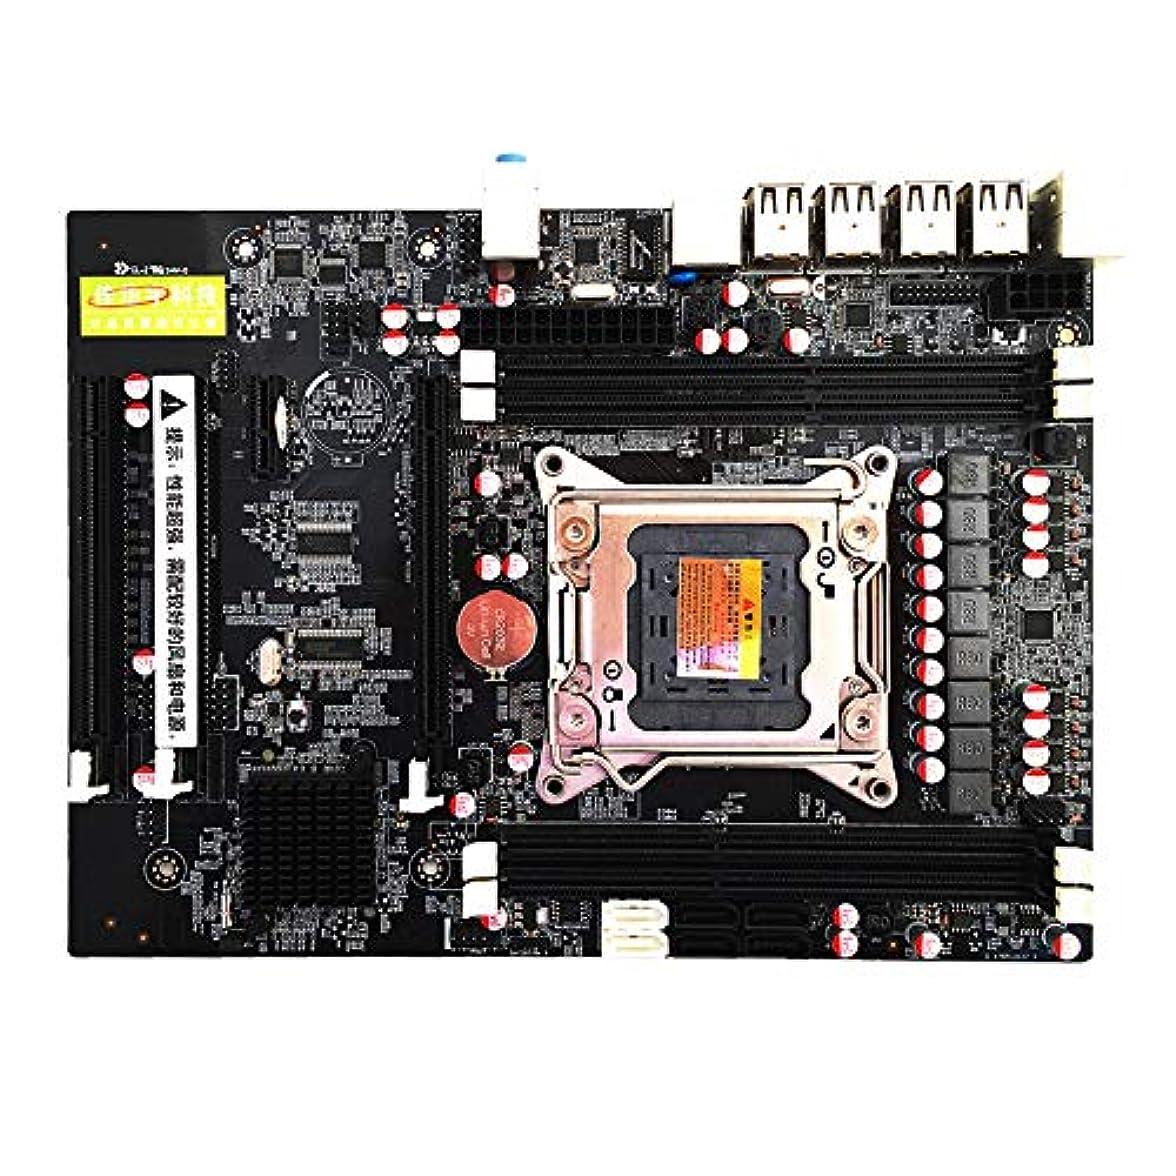 リンス通り再現するOcamo X79 マザーボード CPU RAM コンボ X79 LGA2011 PC マザーボード E5 i7 CPU DDR3 メインボード